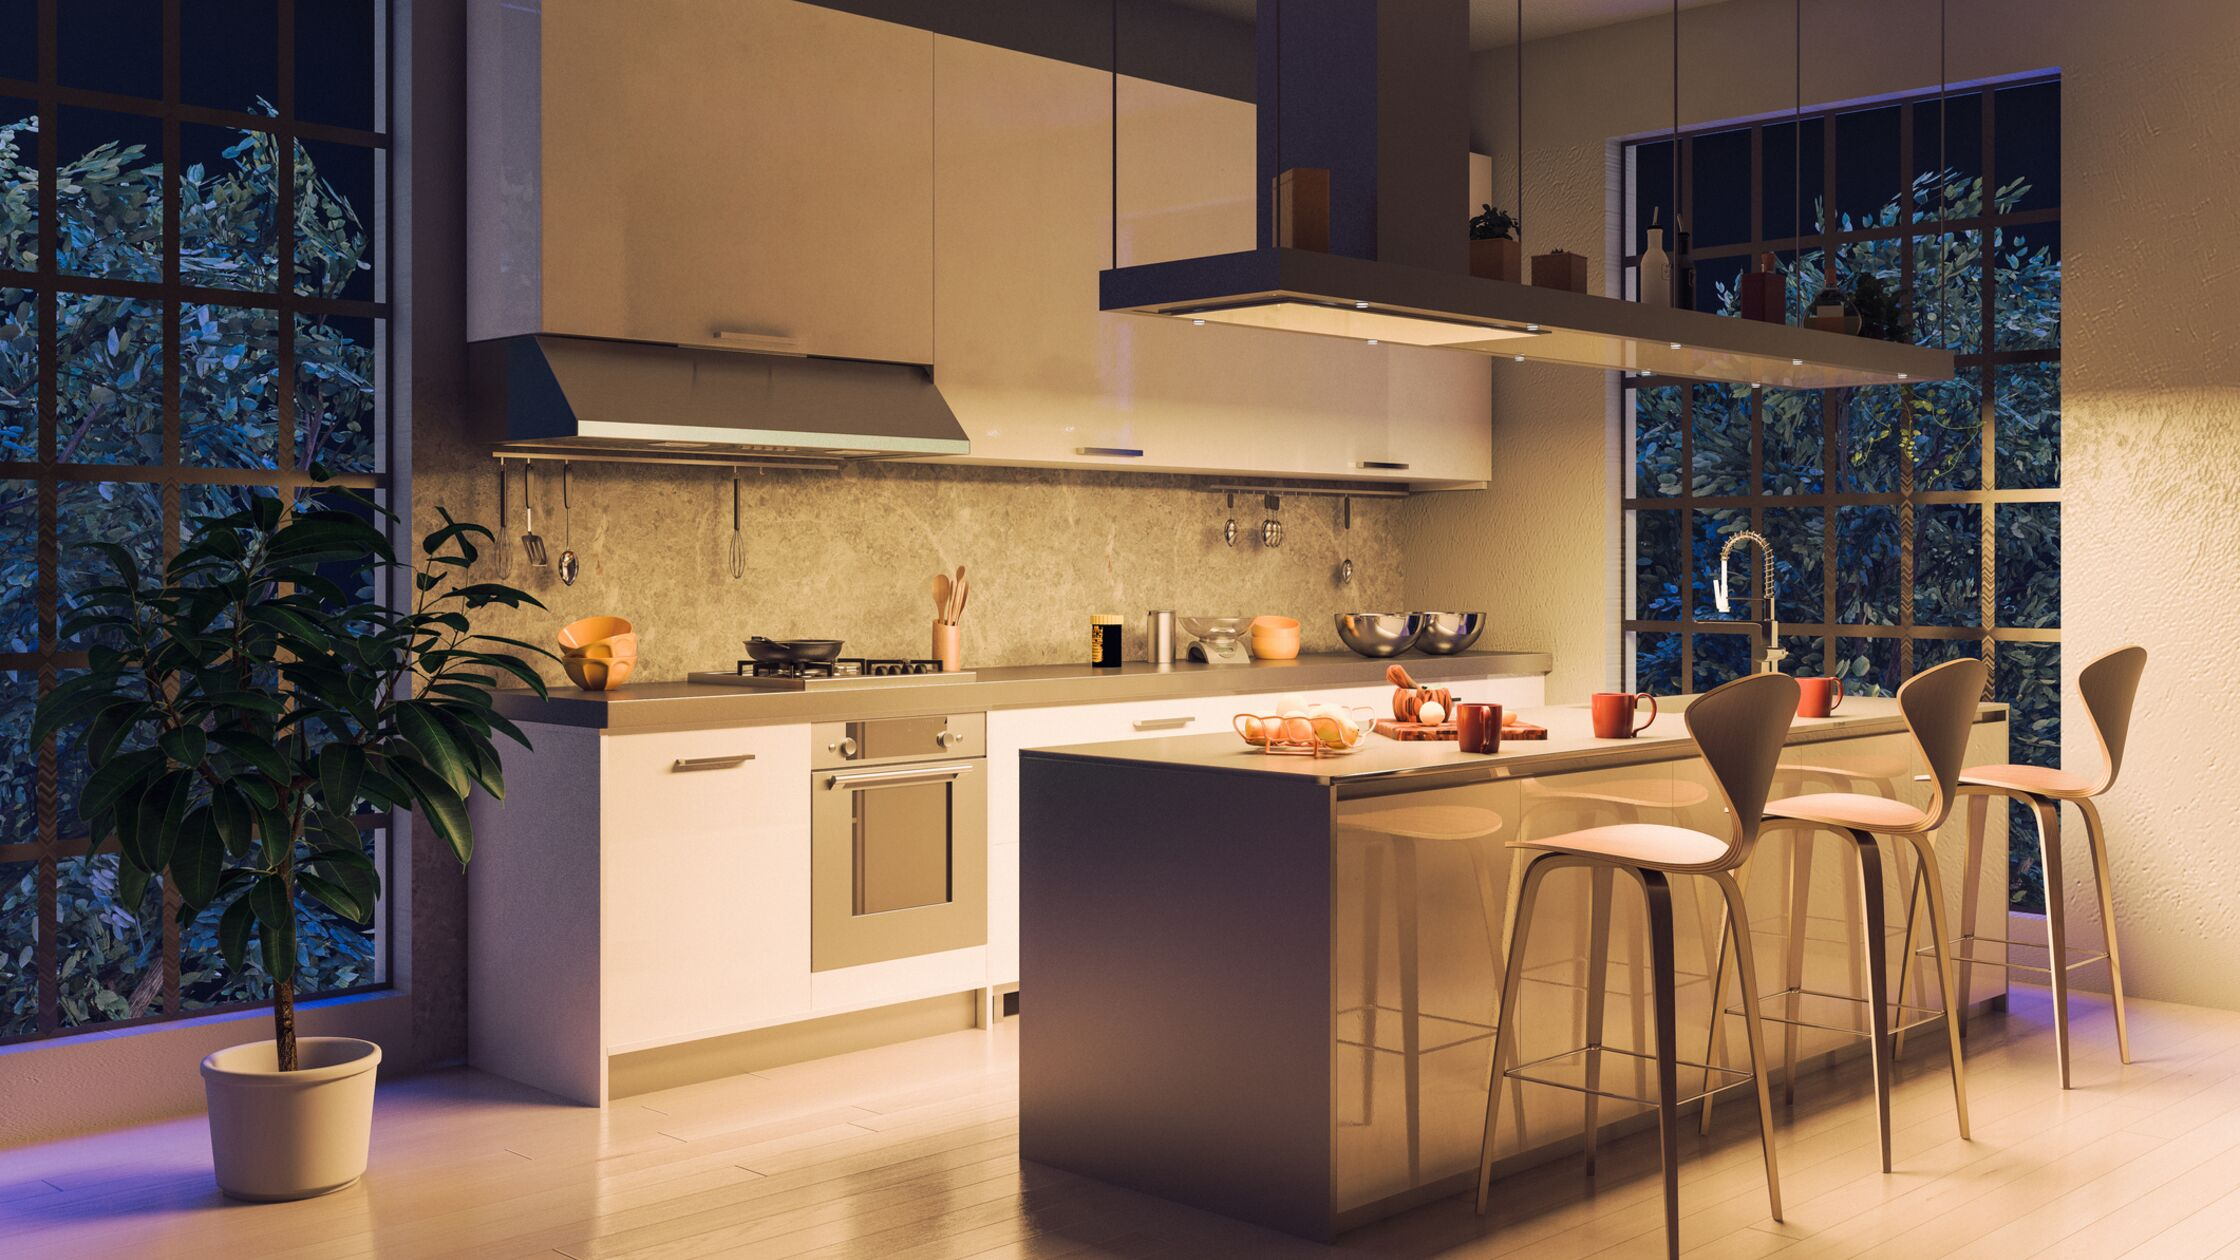 beleuchtete Küche bei Nacht